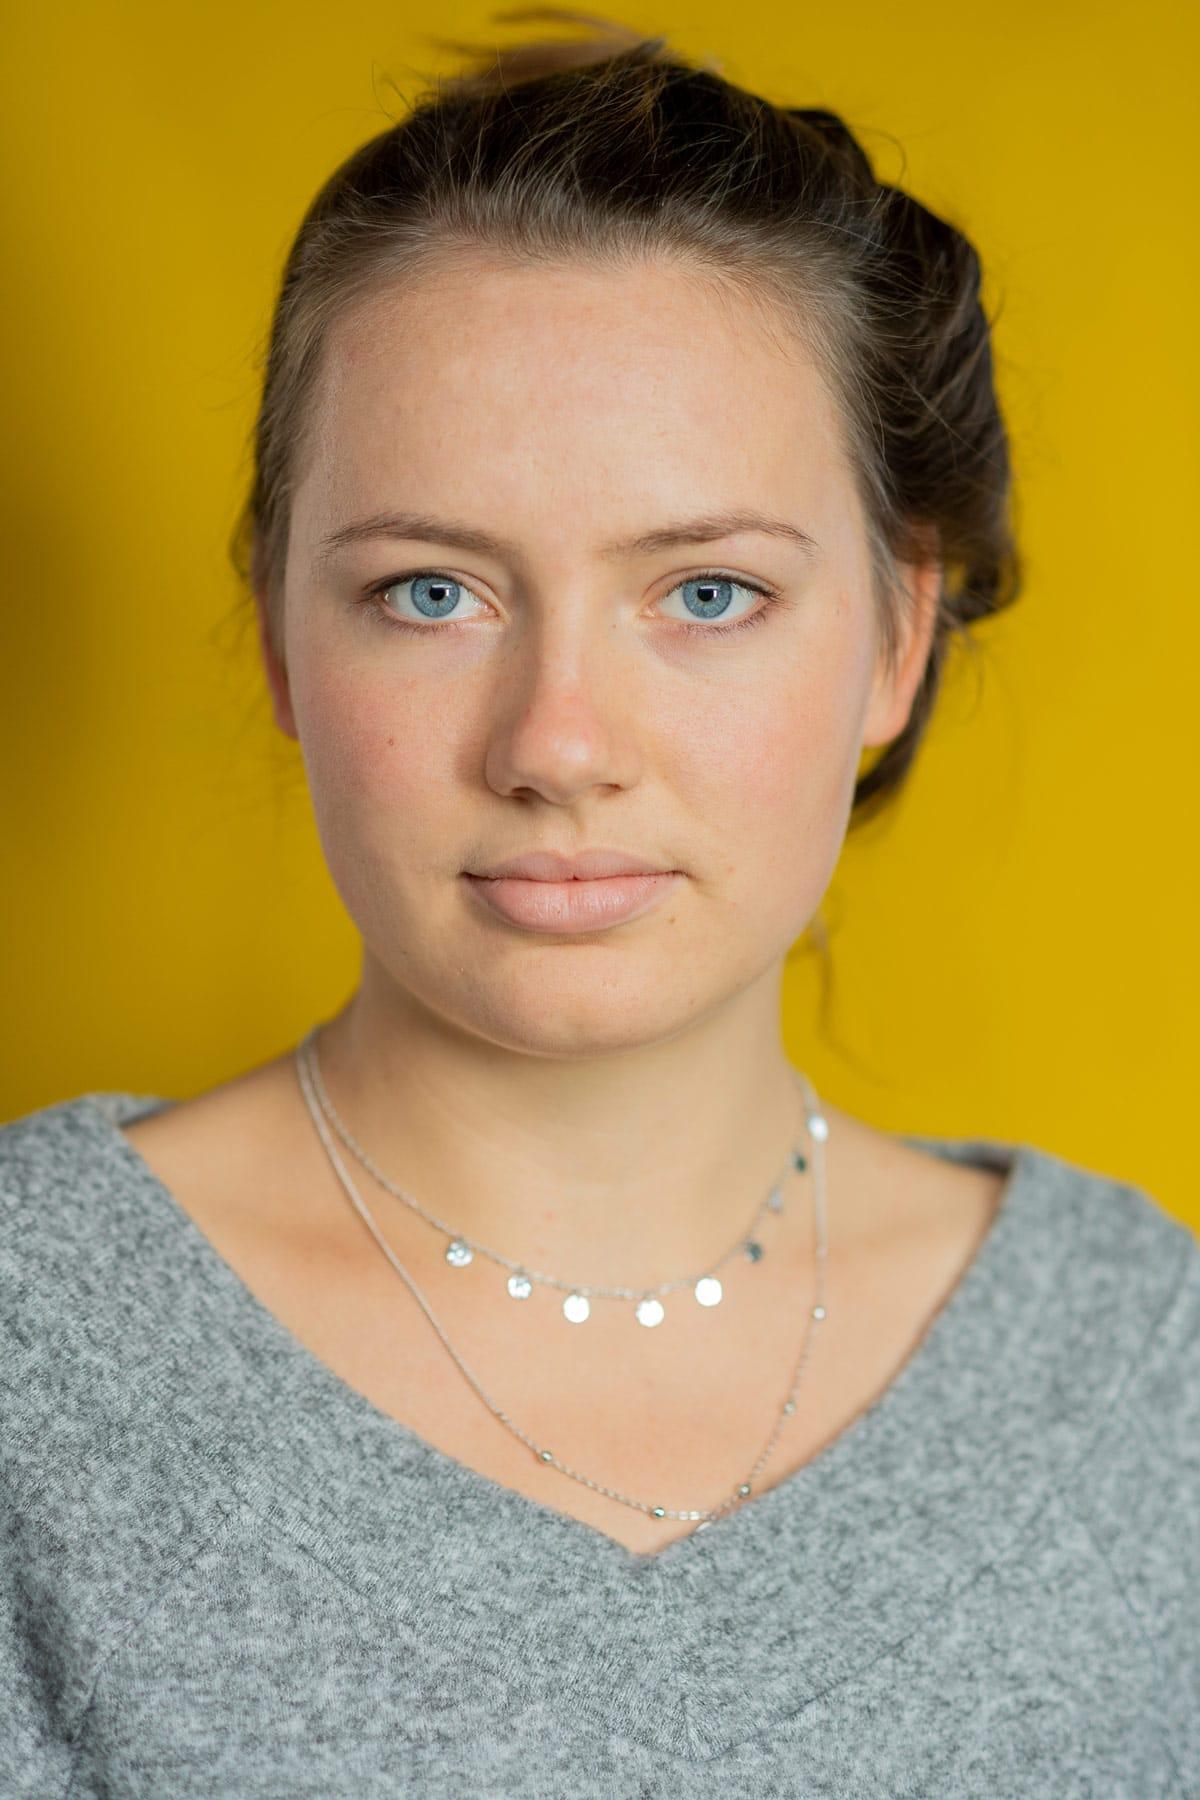 Portrait von einer schönen Frau vor gelben Hintergrund